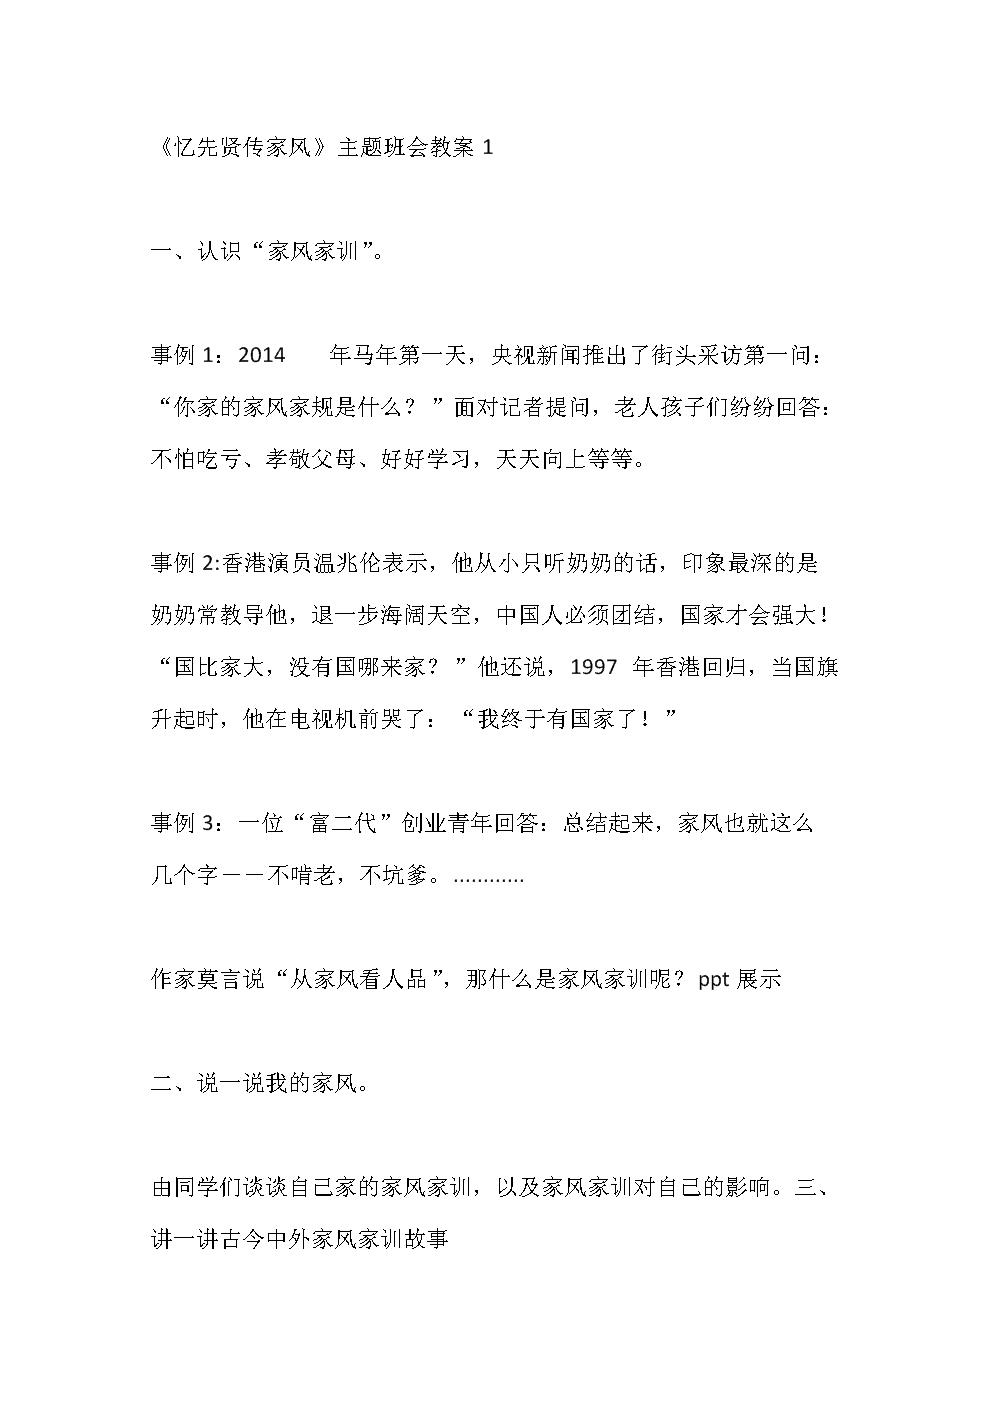 《忆先贤传家风》主题班会教案汇总.doc